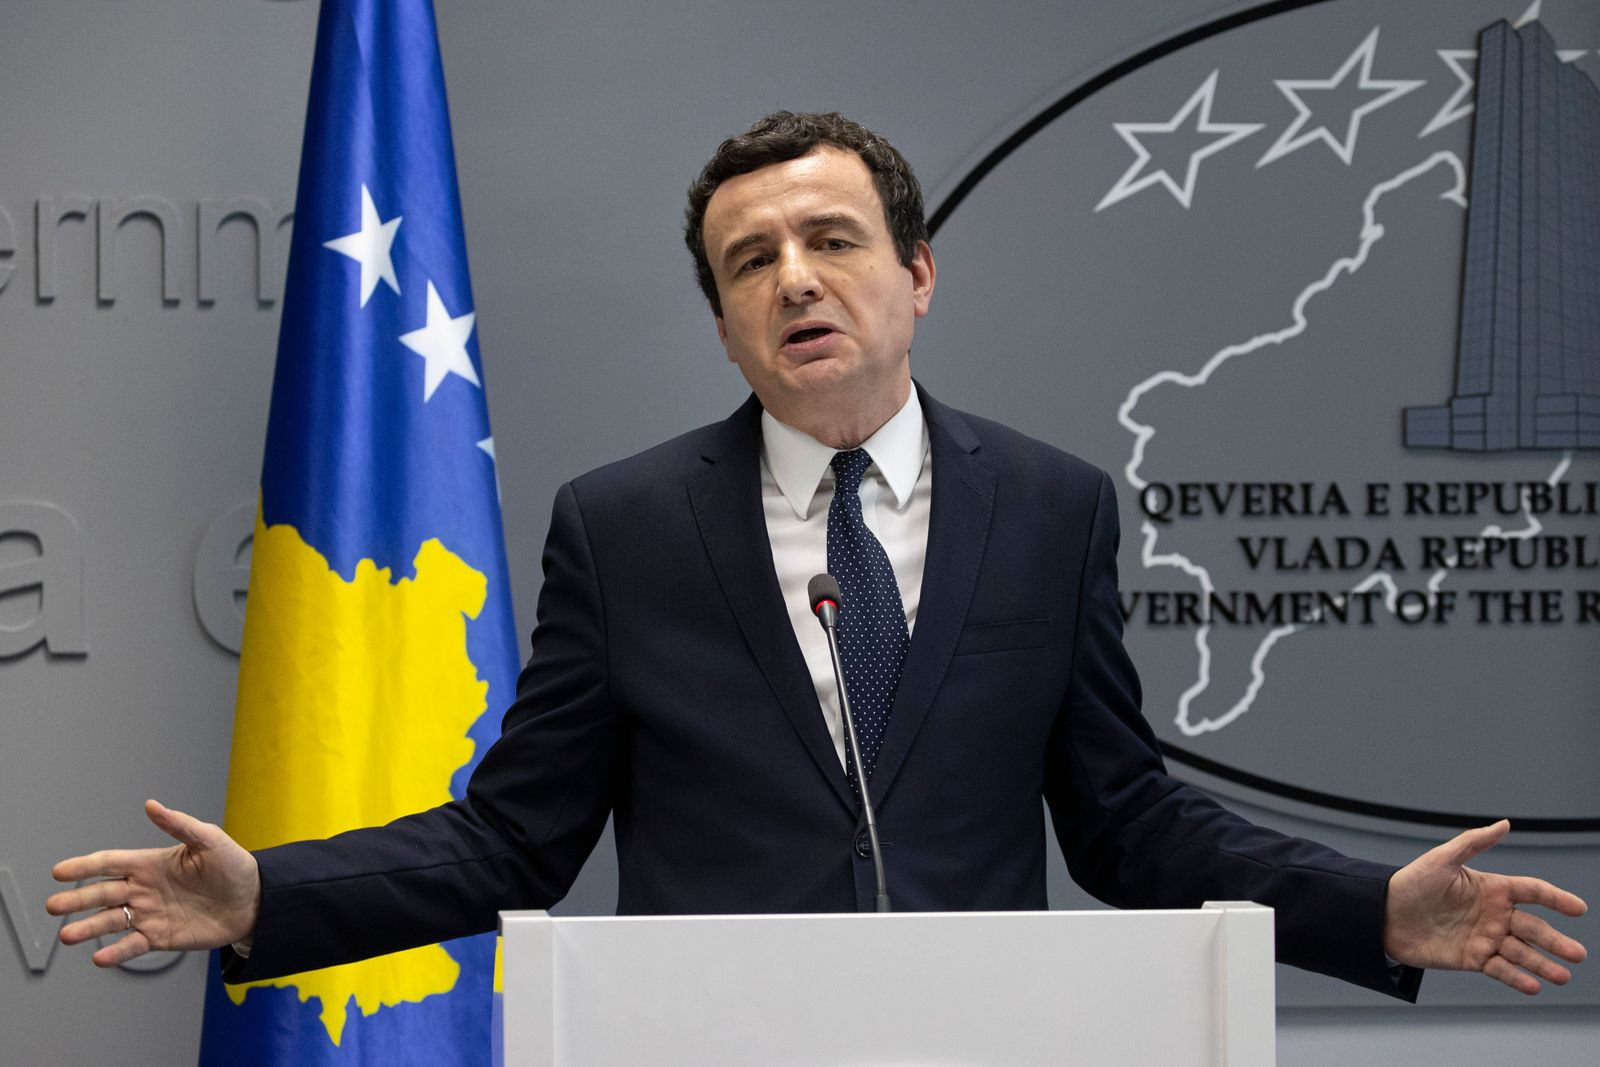 Prime minister of the Republic of Kosovo Albin Kurti ousted in no confidence vote, Pristina, Serbia - 26 Feb 2020